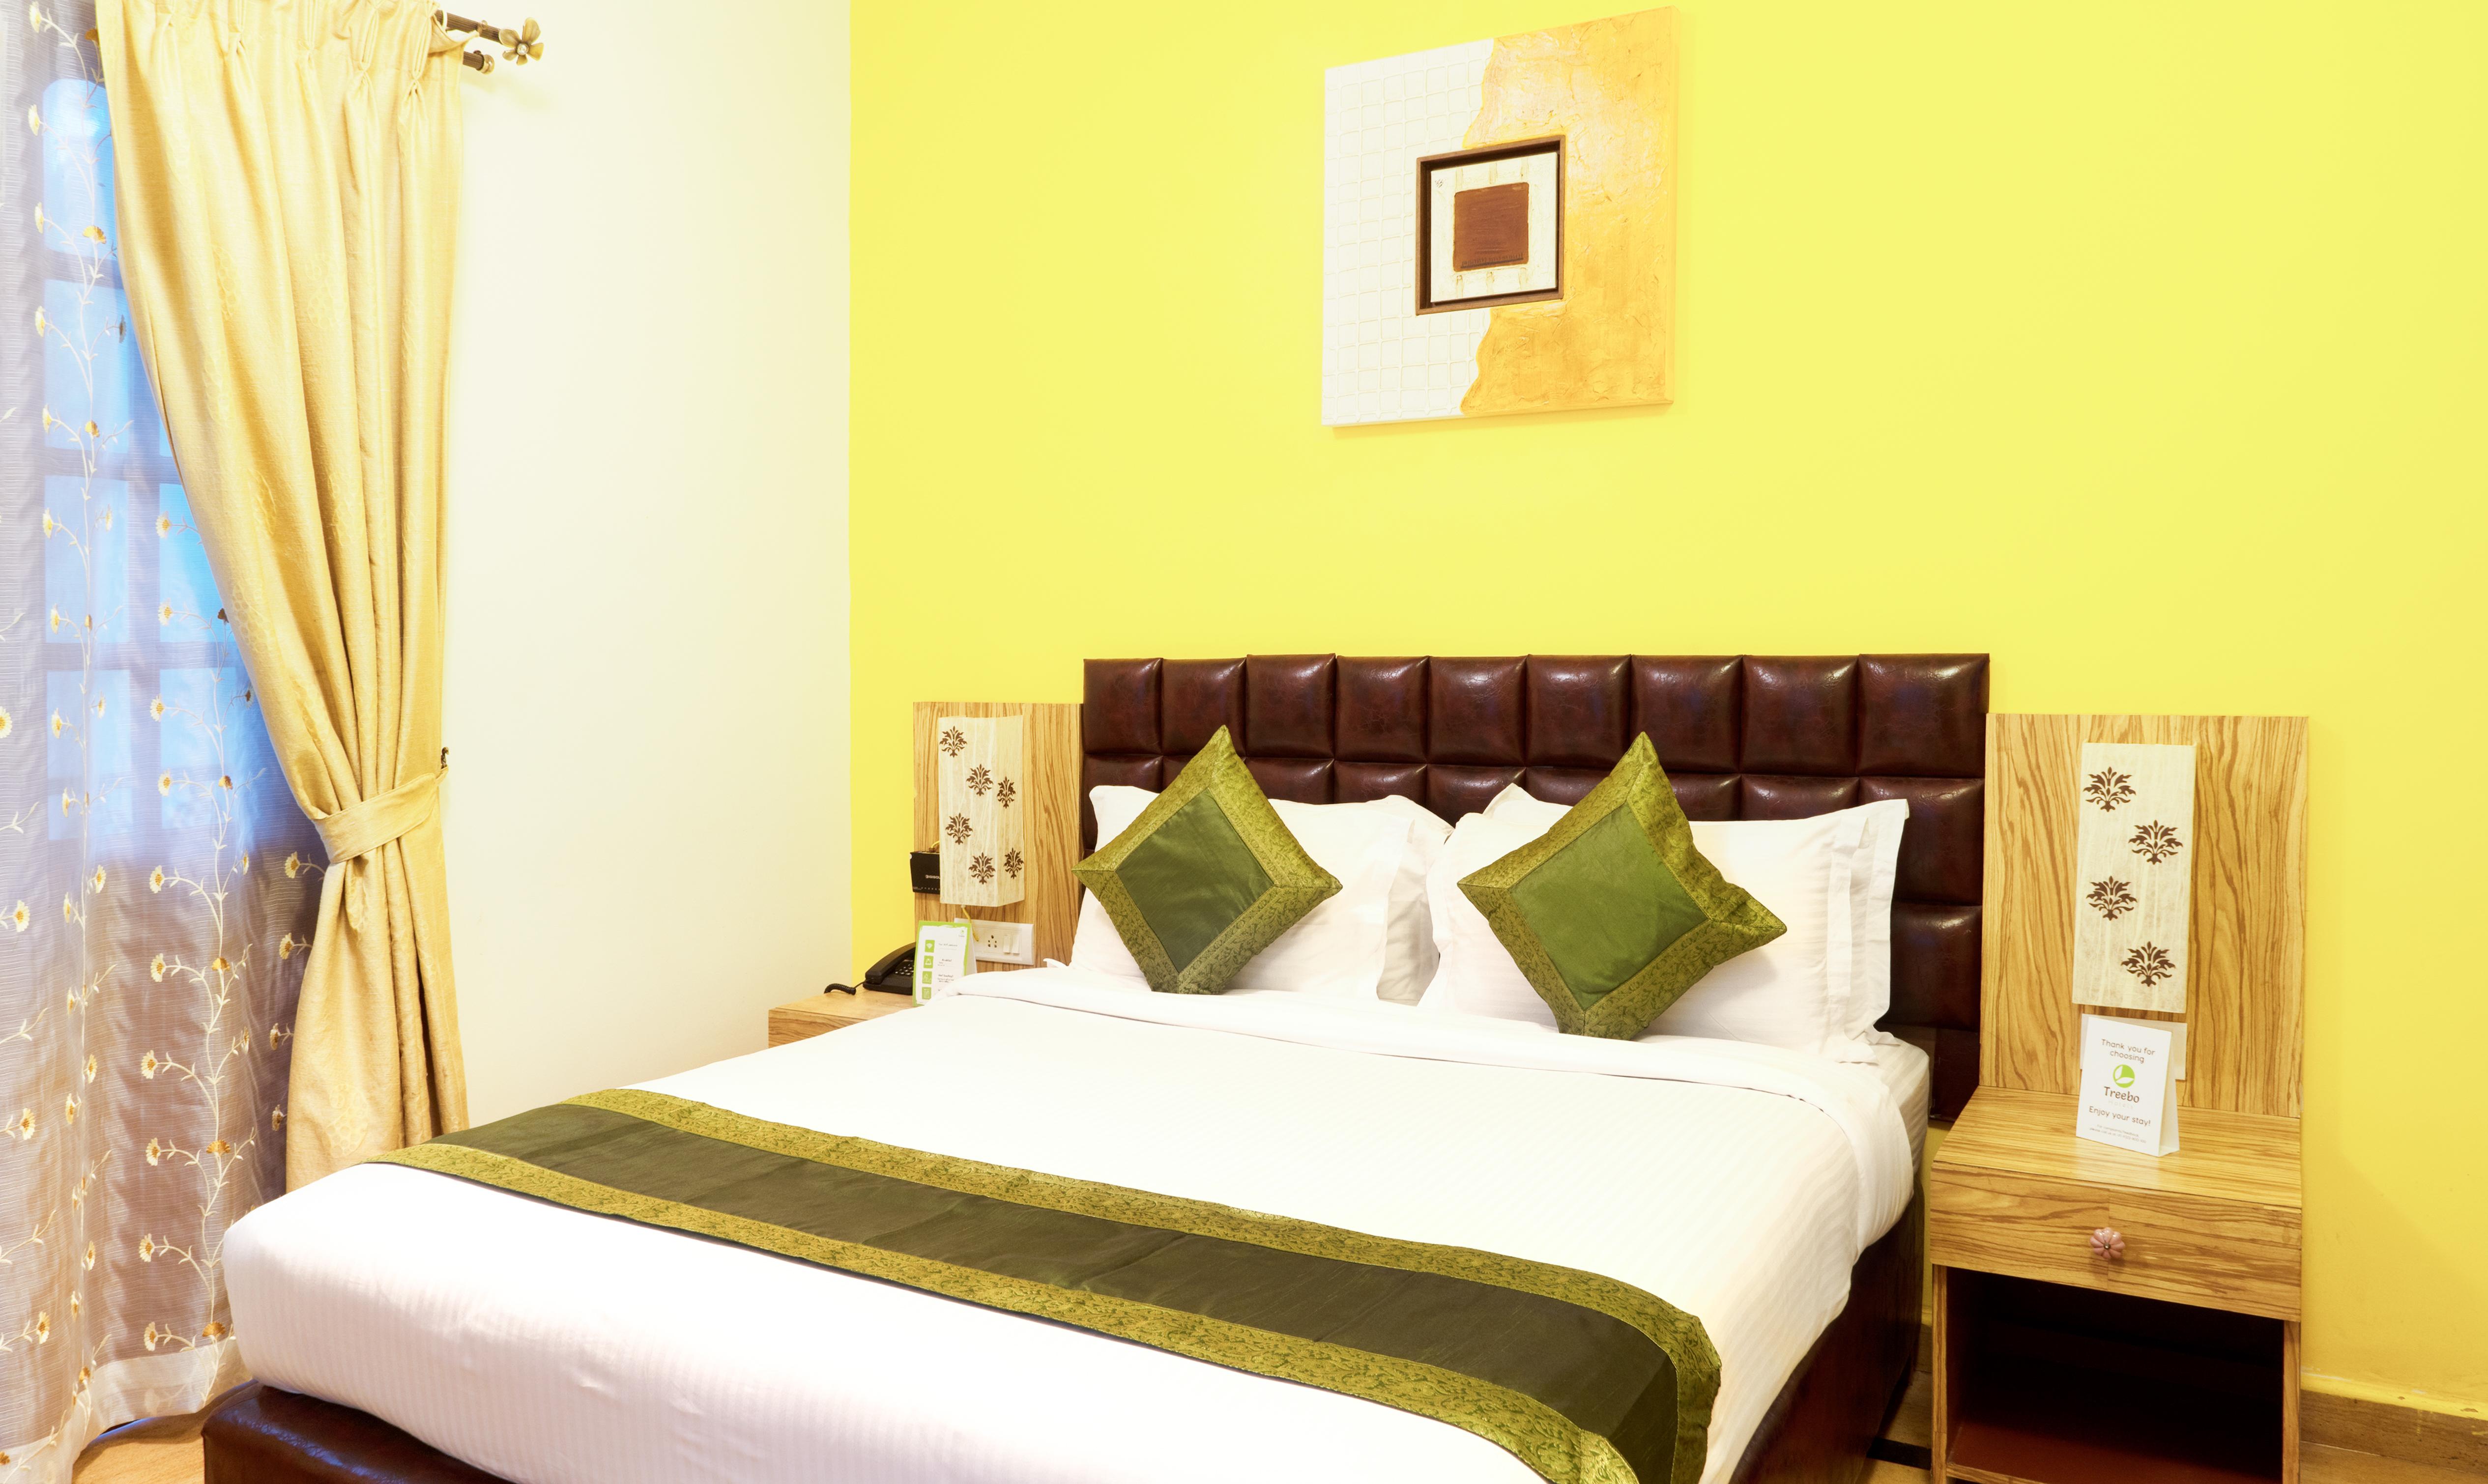 Hotels in Goa Book the